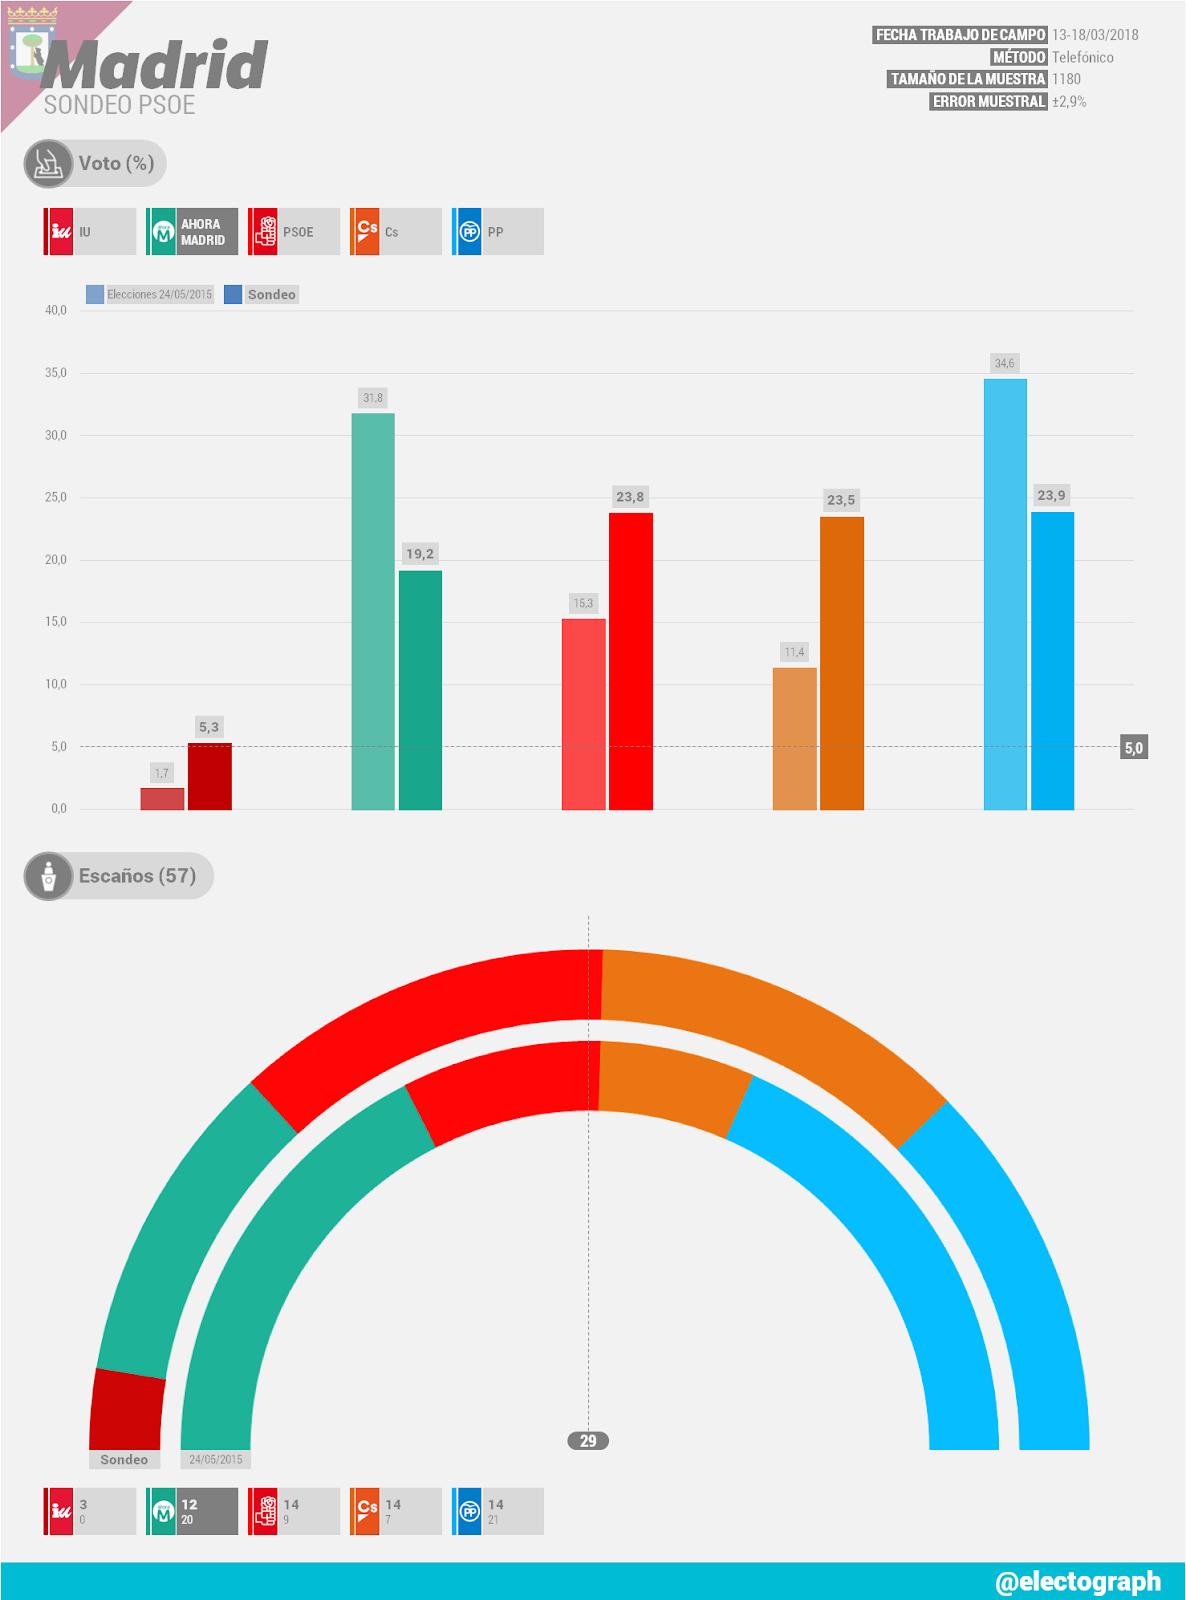 Gráfico de la encuesta para elecciones municipales en Madrid realizada para el PSOE en abril de 2018